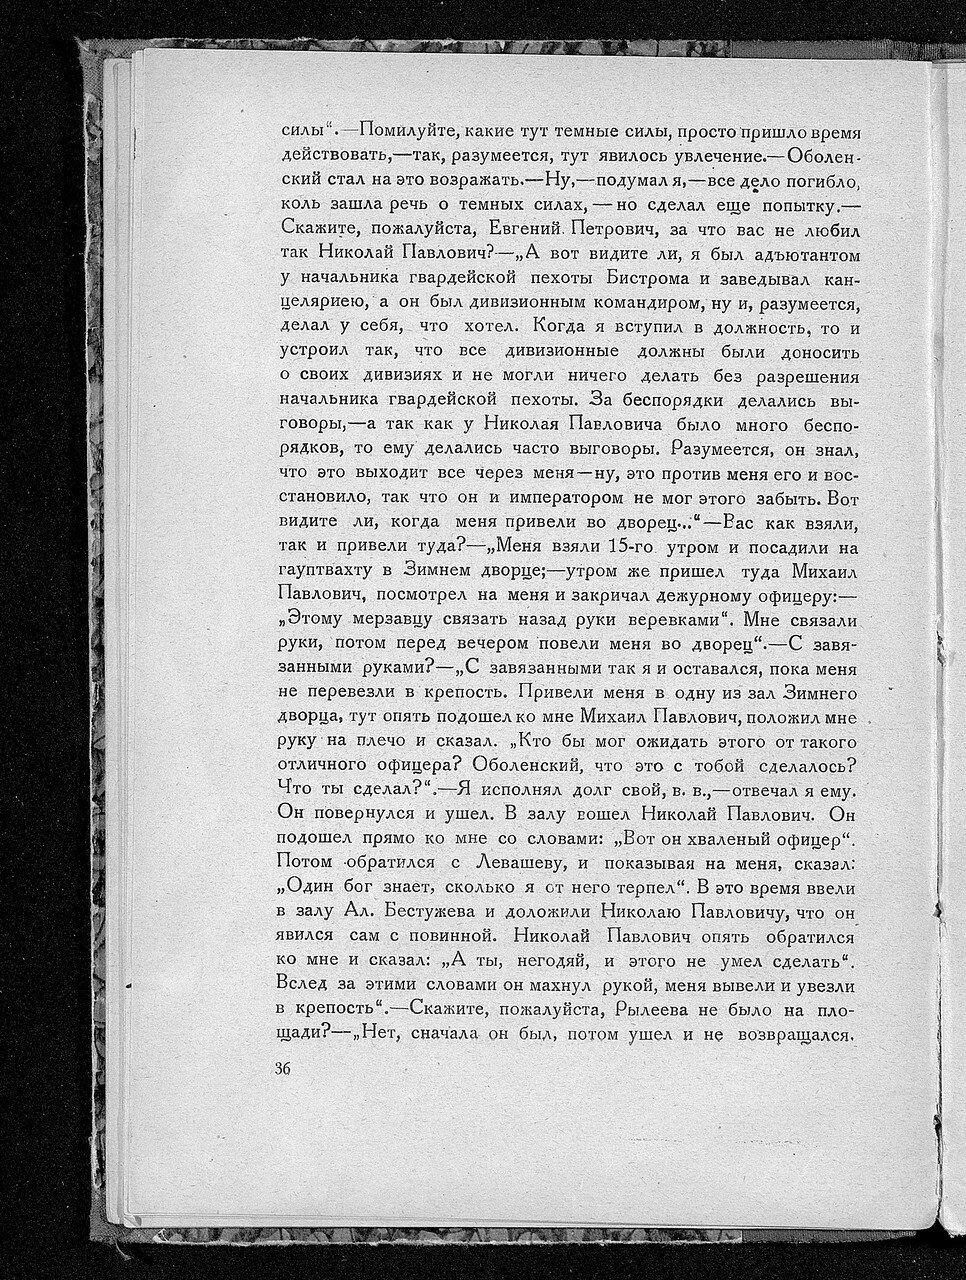 https://img-fotki.yandex.ru/get/876523/199368979.a0/0_21431f_2246ff7b_XXXL.jpg